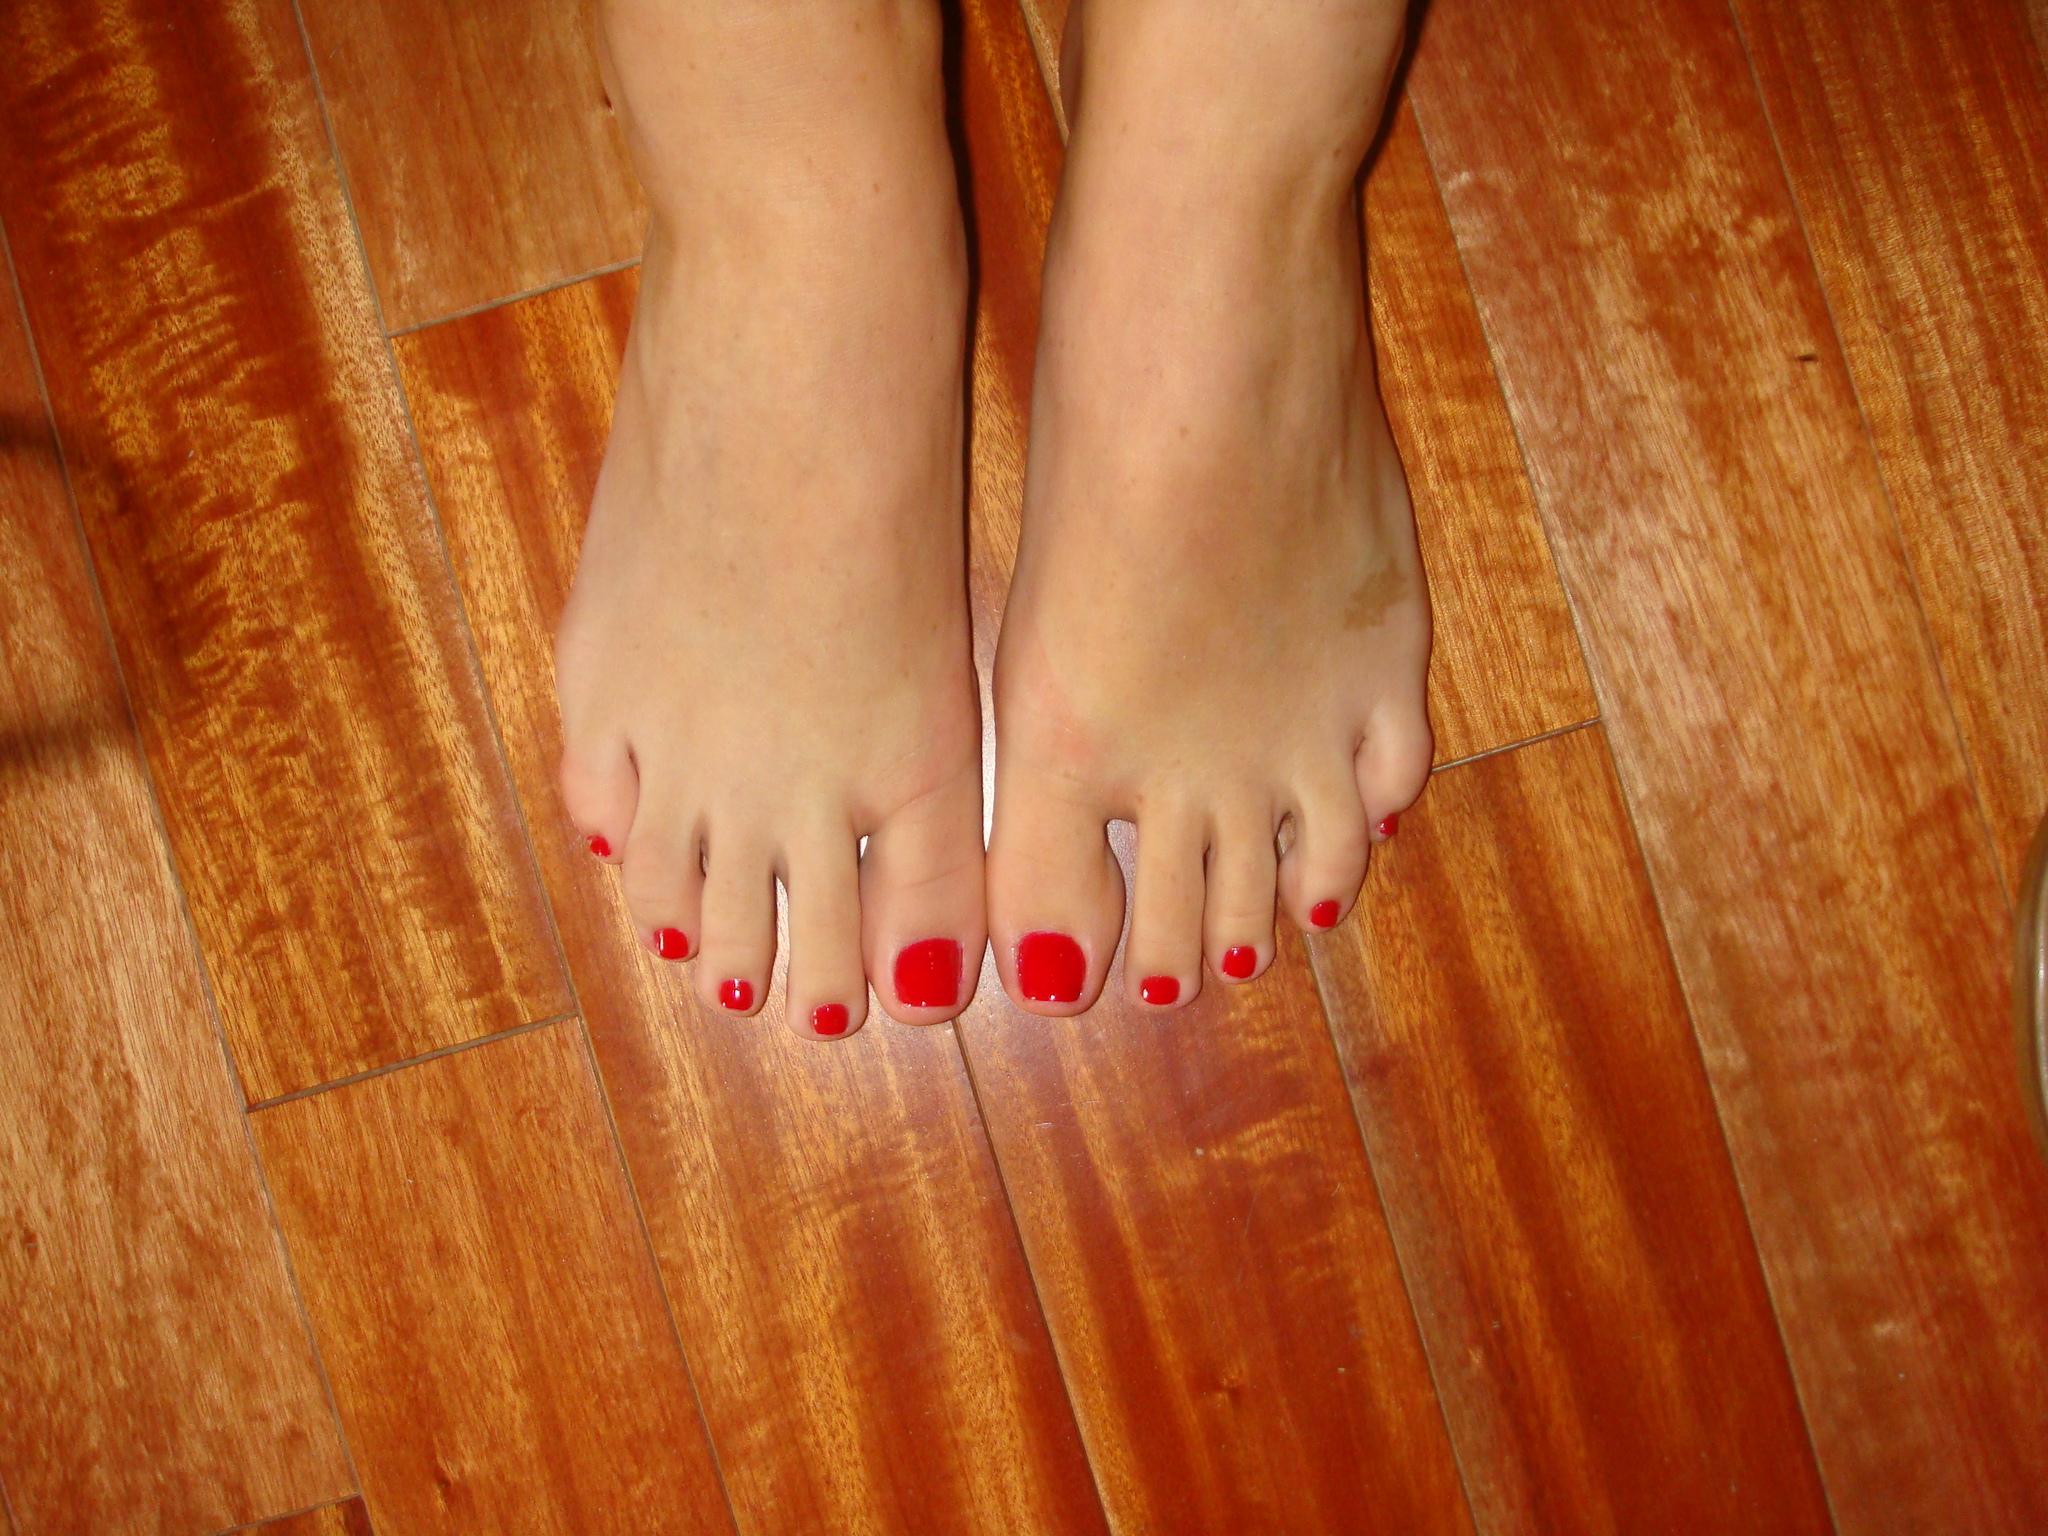 Черный лак на ногах 29 фотография